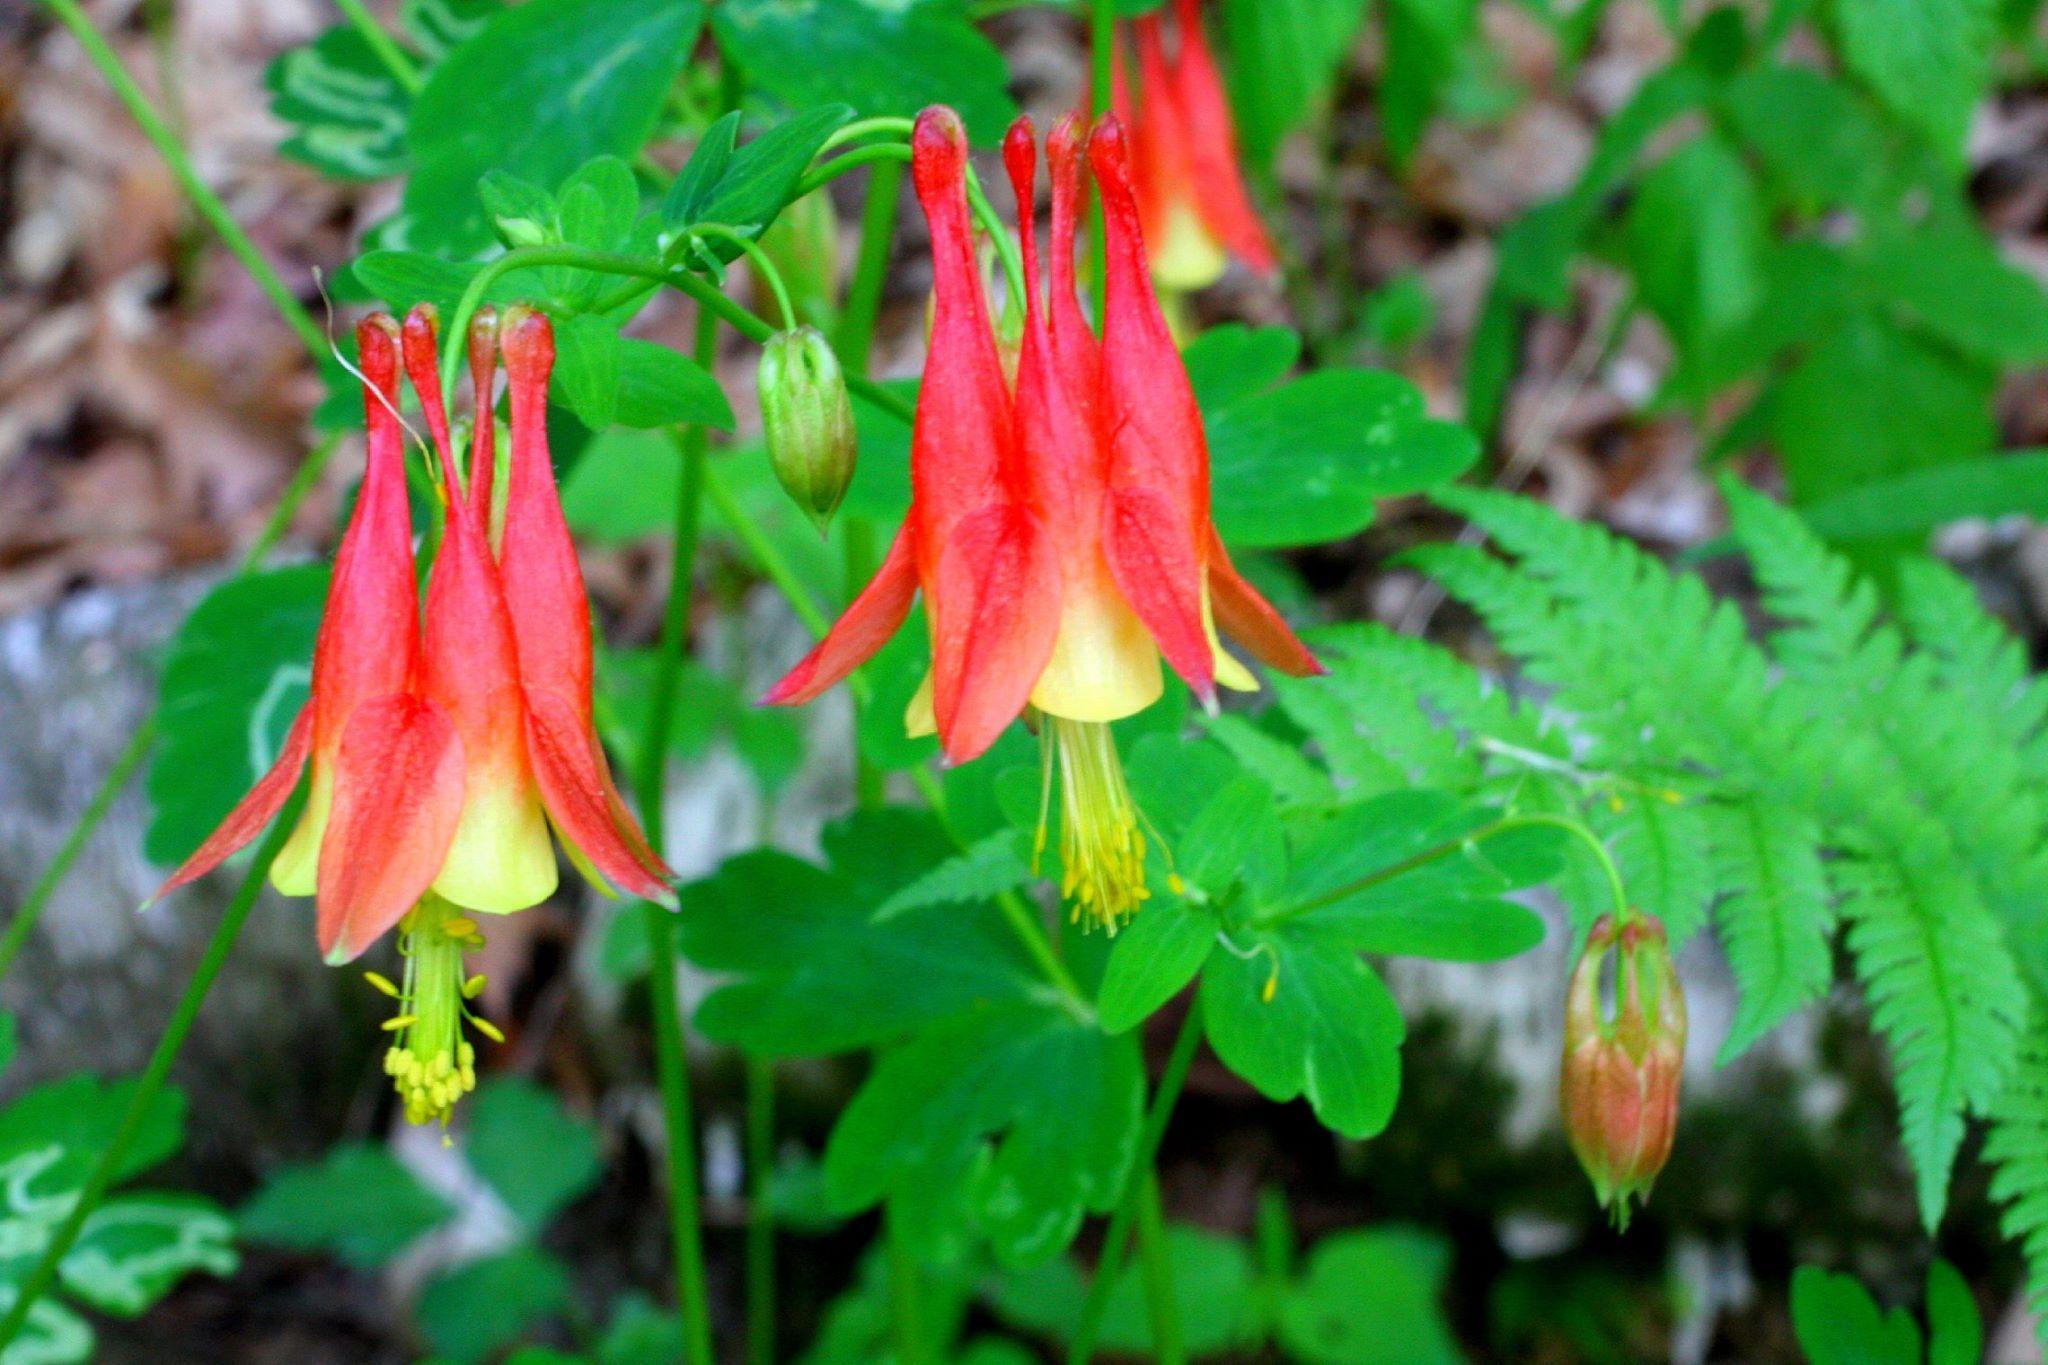 Aquilegia canadensis es una especie de planta silvestre perteneciente a la familia Ranunculaceae